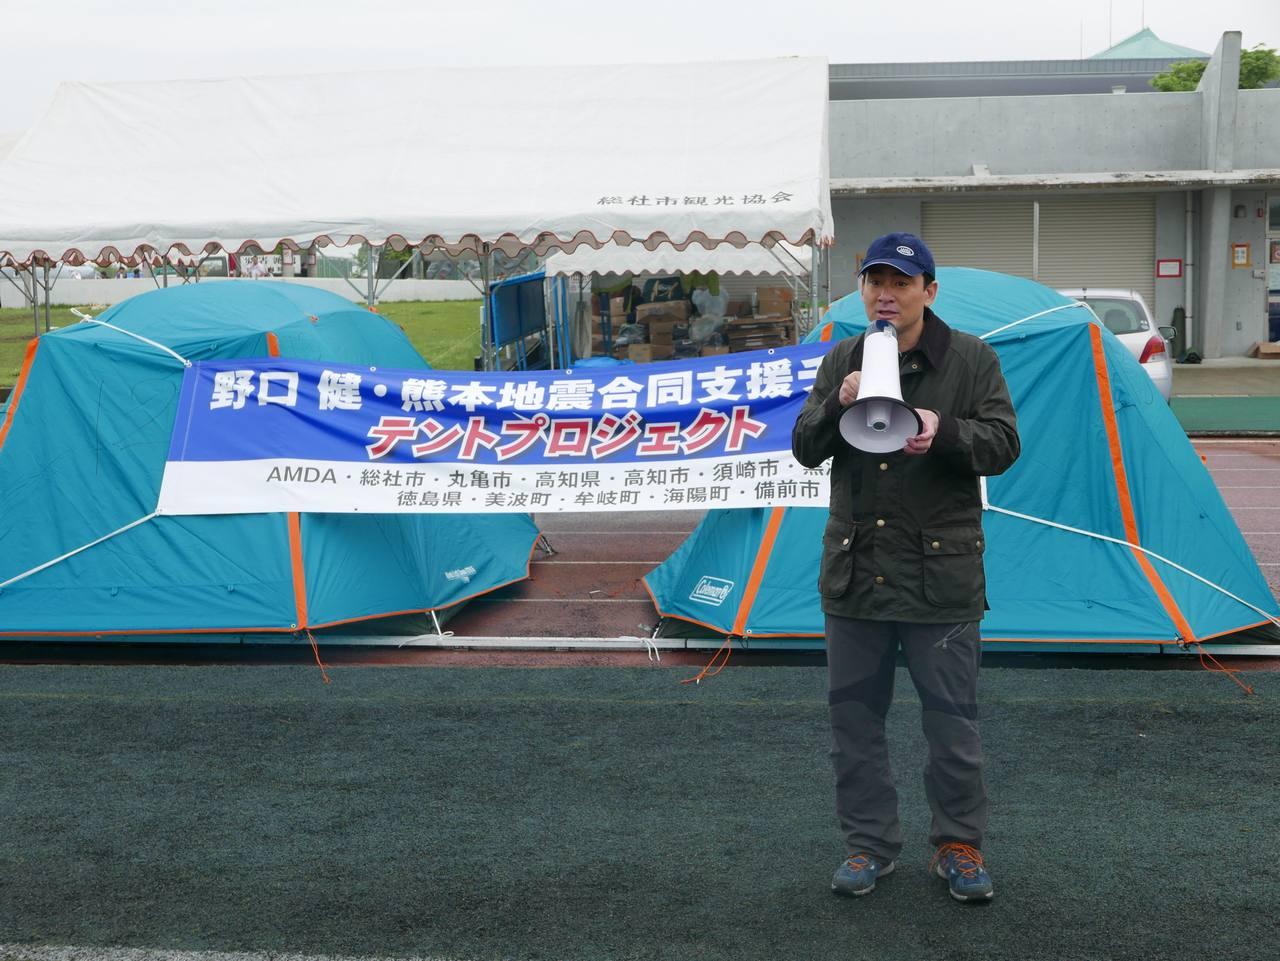 【野口健 熊本地震緊急支援】テント村プロジェクト せめて、足を伸ばして眠れるように……